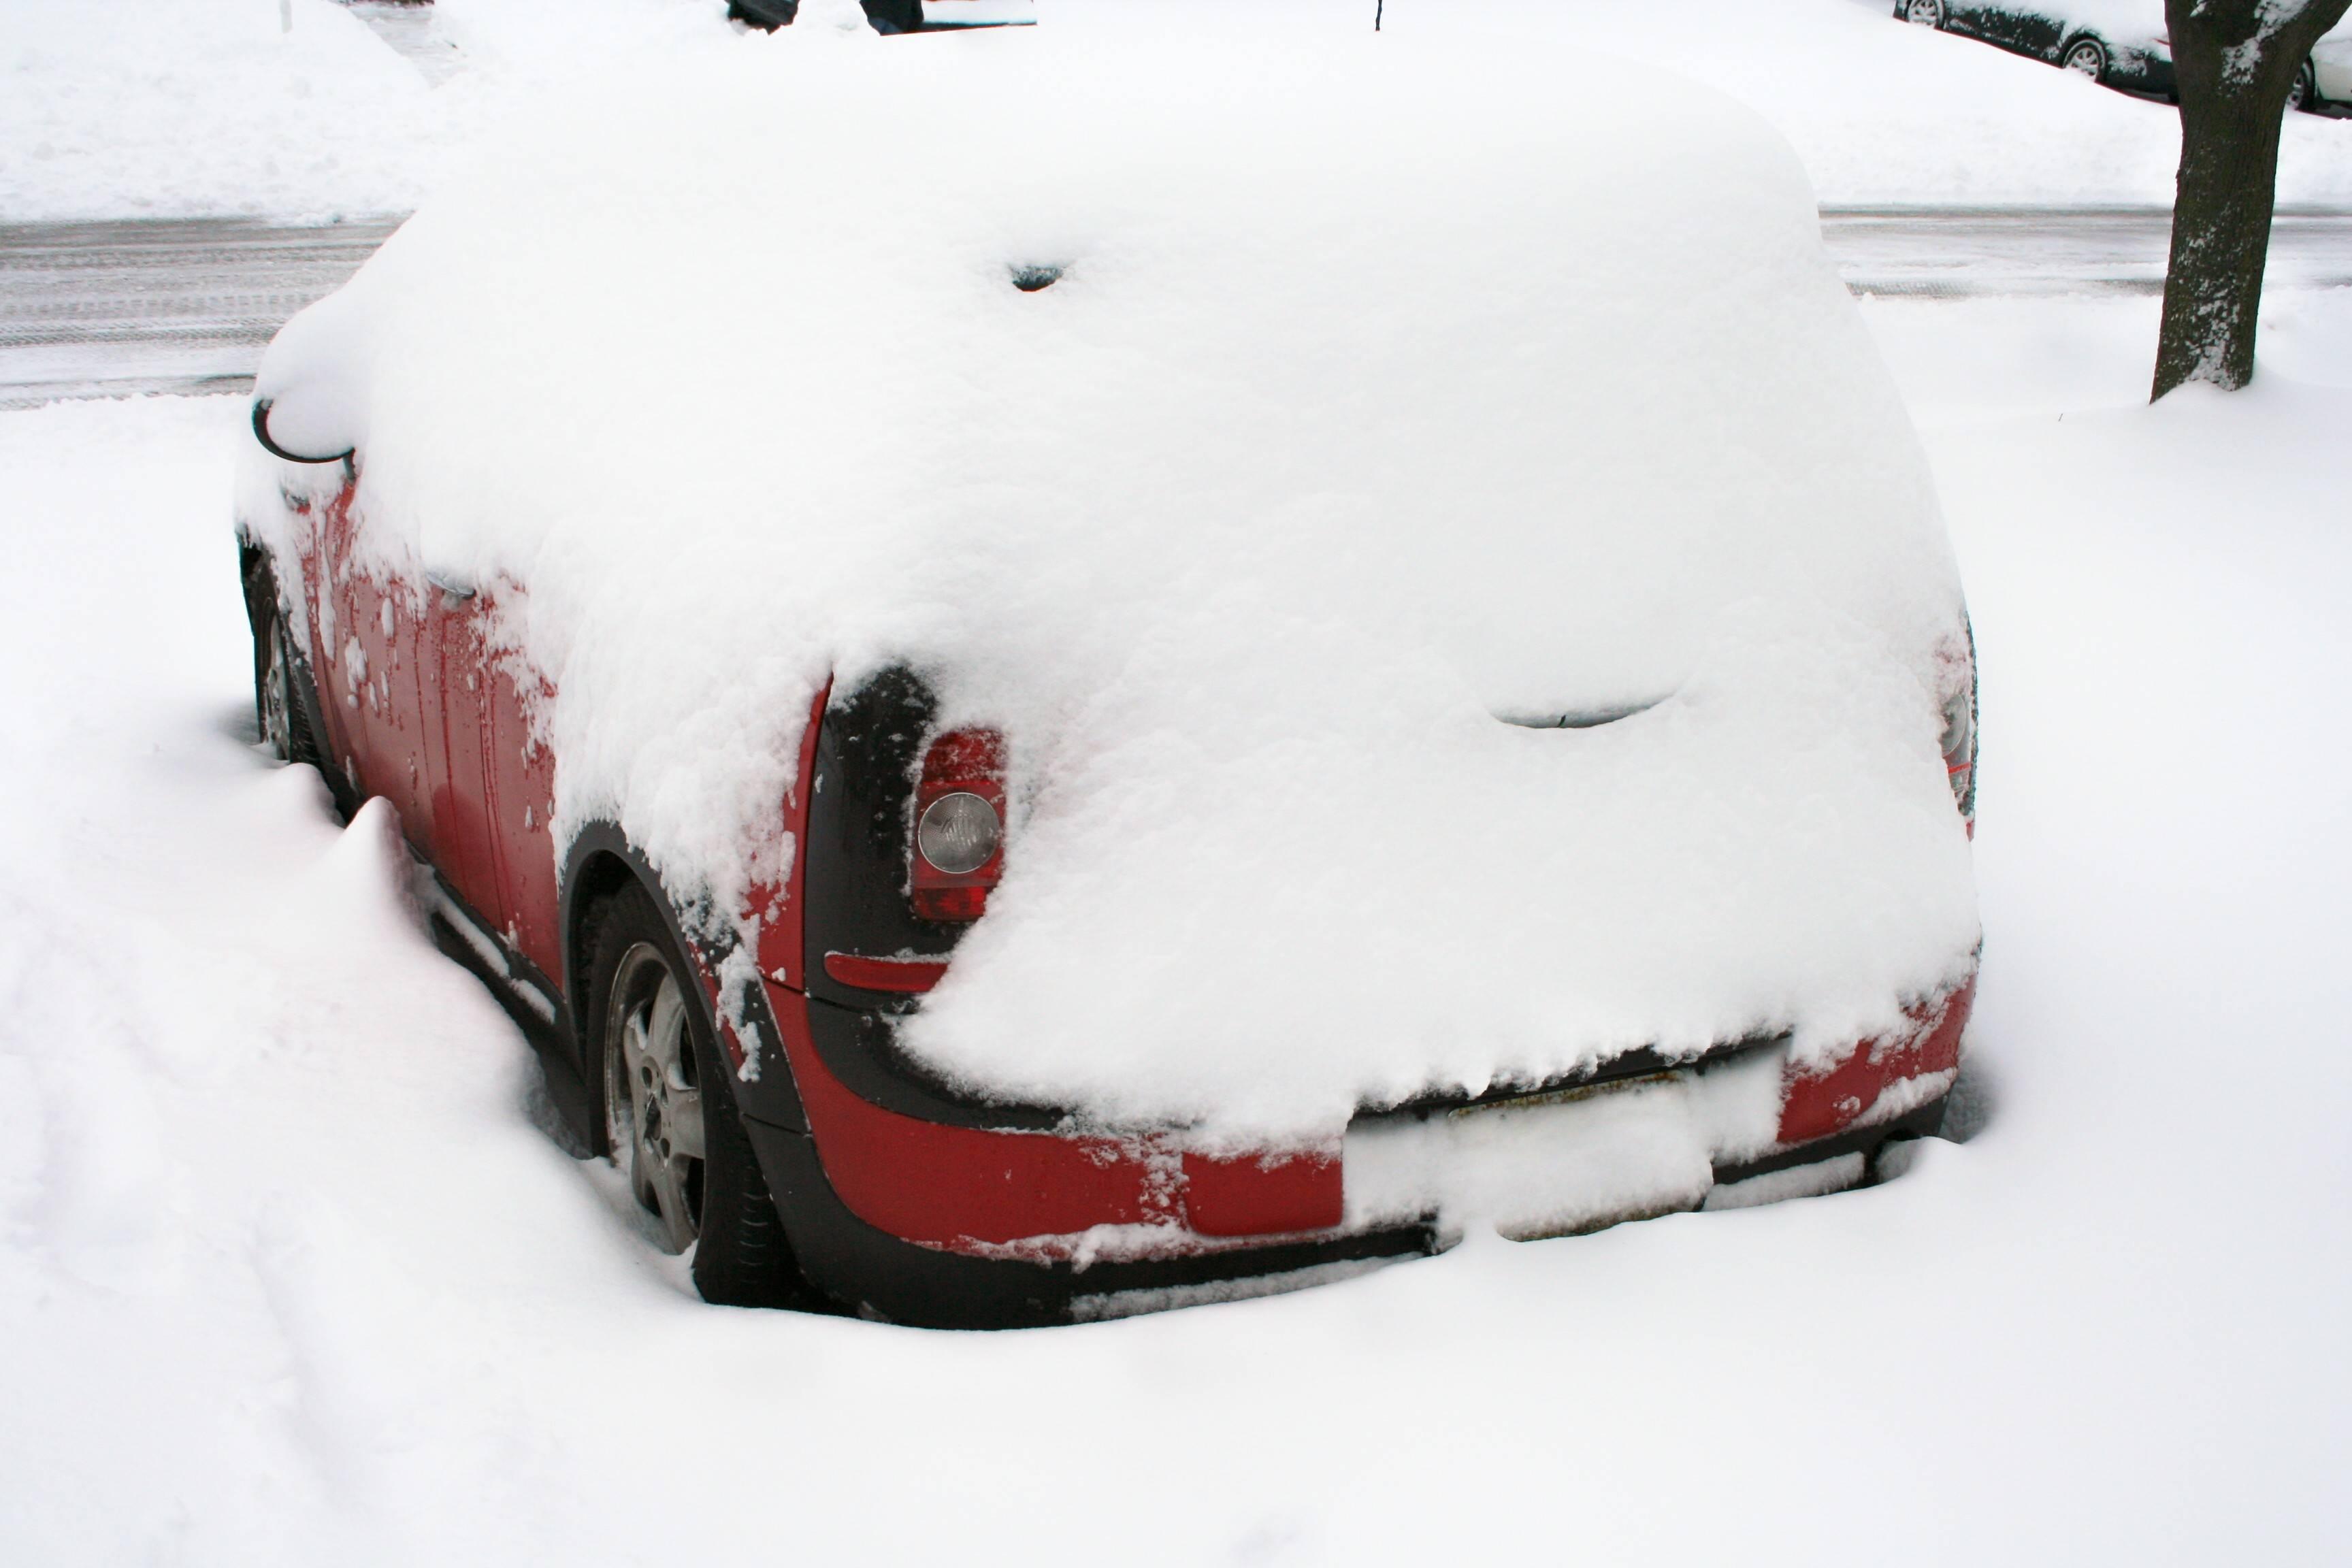 15f6fae9e1db714a6a68_Dude___Where_s_My_Car___snowzilla.JPG